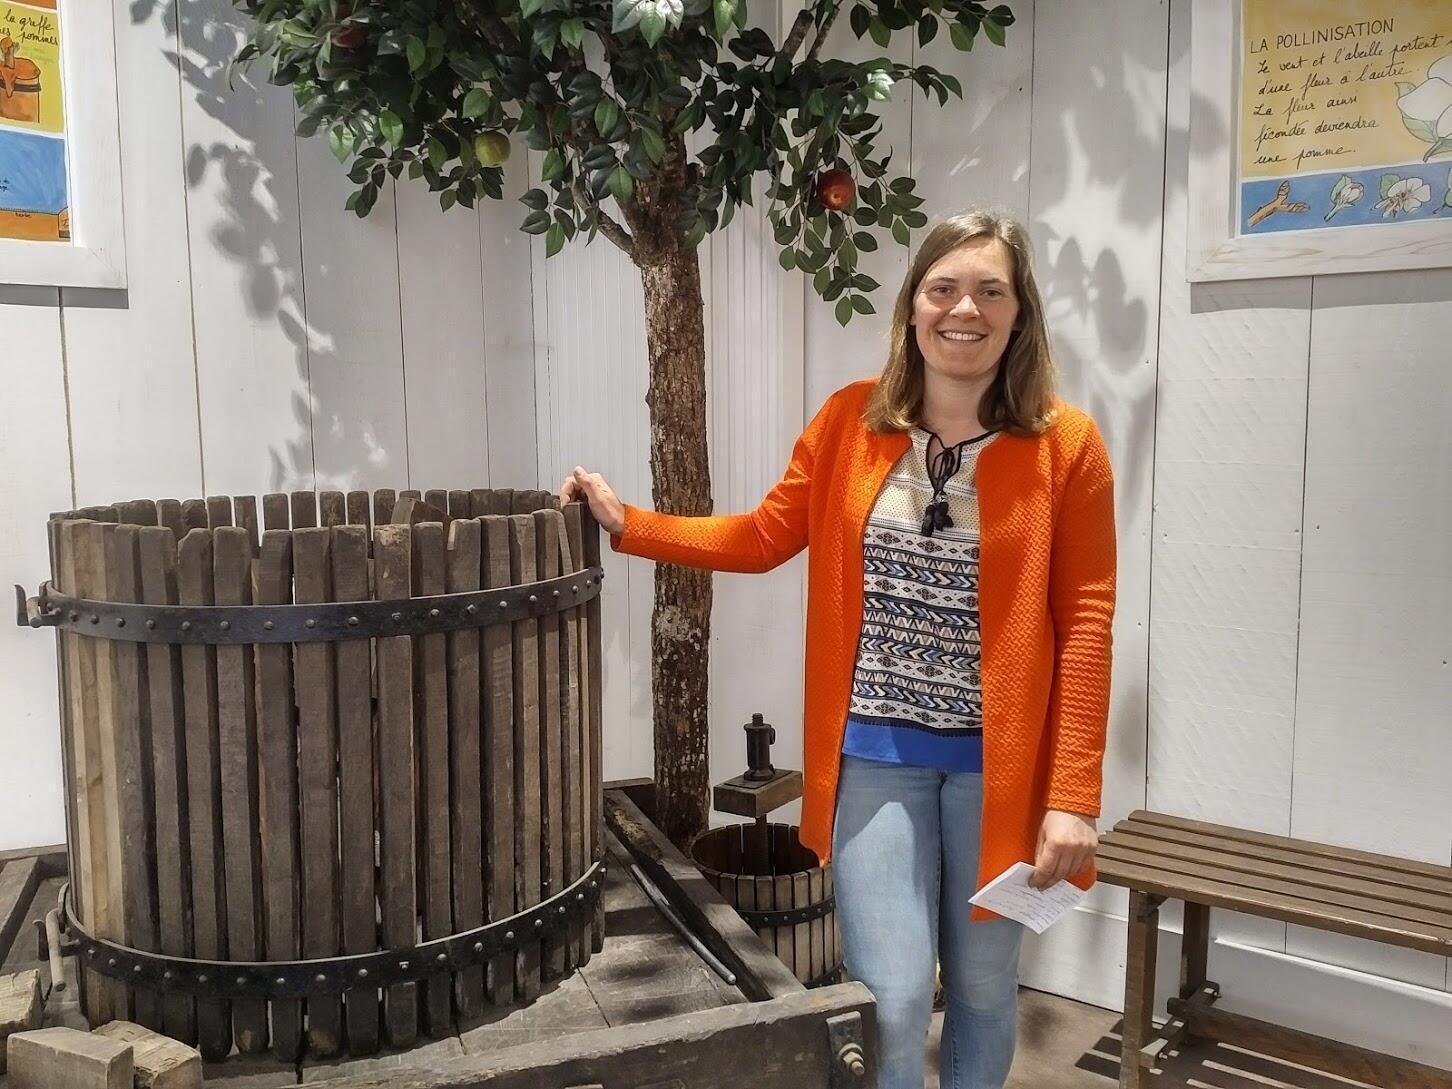 Jeanne es una de las chicas más felices del mundo pues puede dedicarse a su pasión, la vida agrícola.